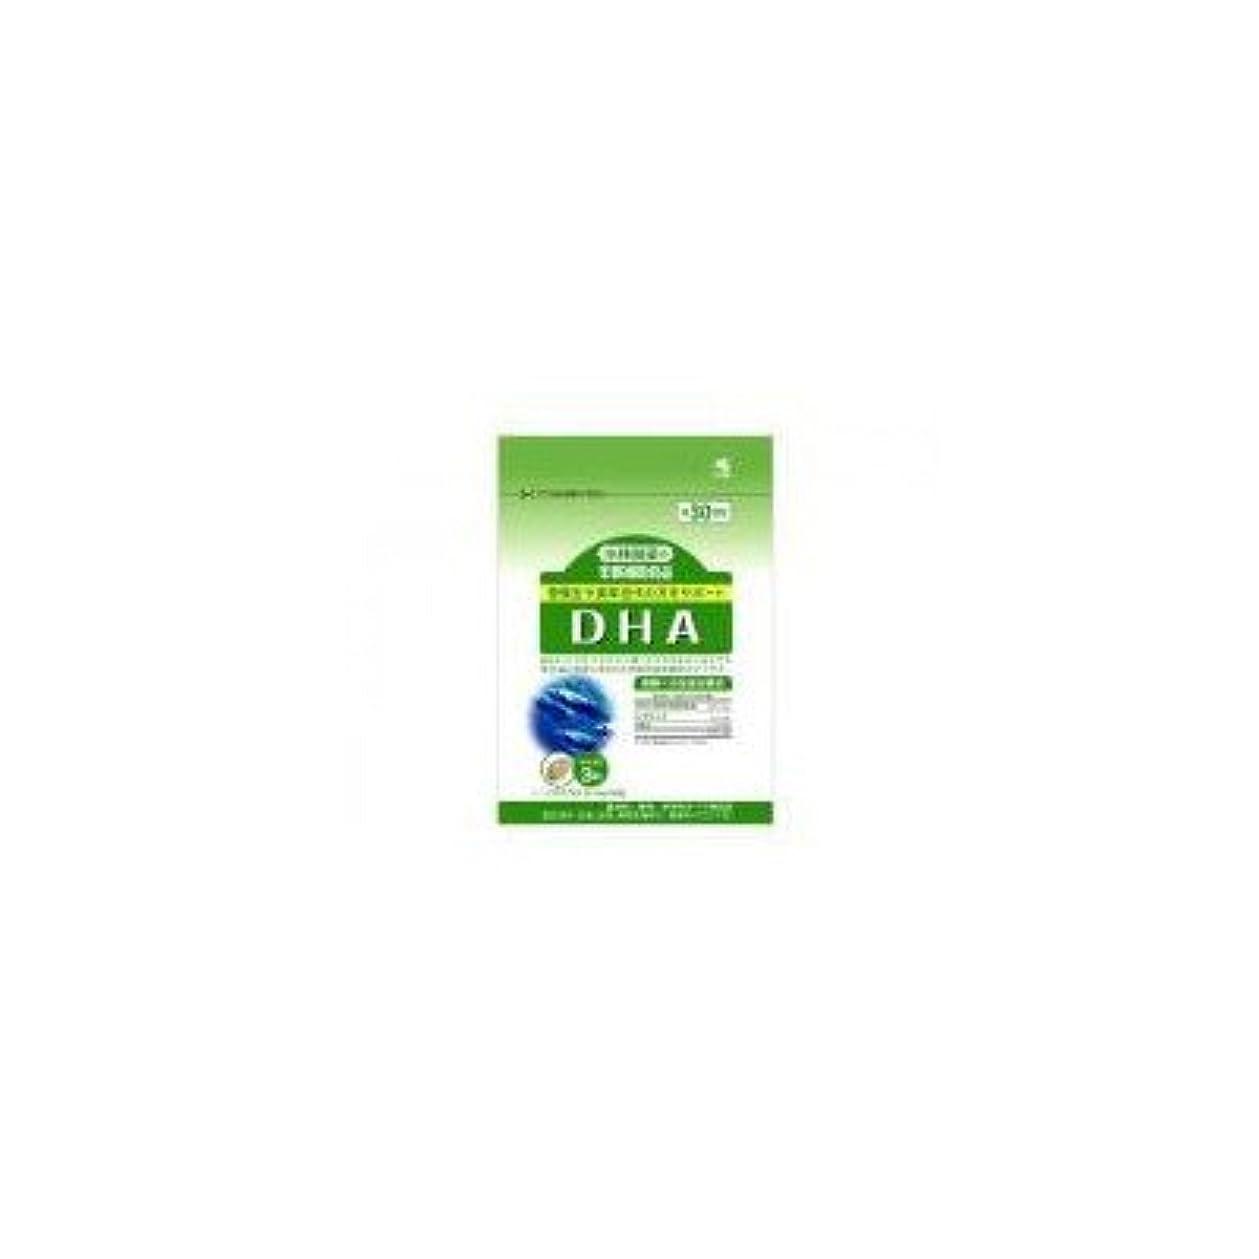 露クリスマス差し控える小林製薬の栄養補助食品 DHA(90粒 約30日分) 4セット